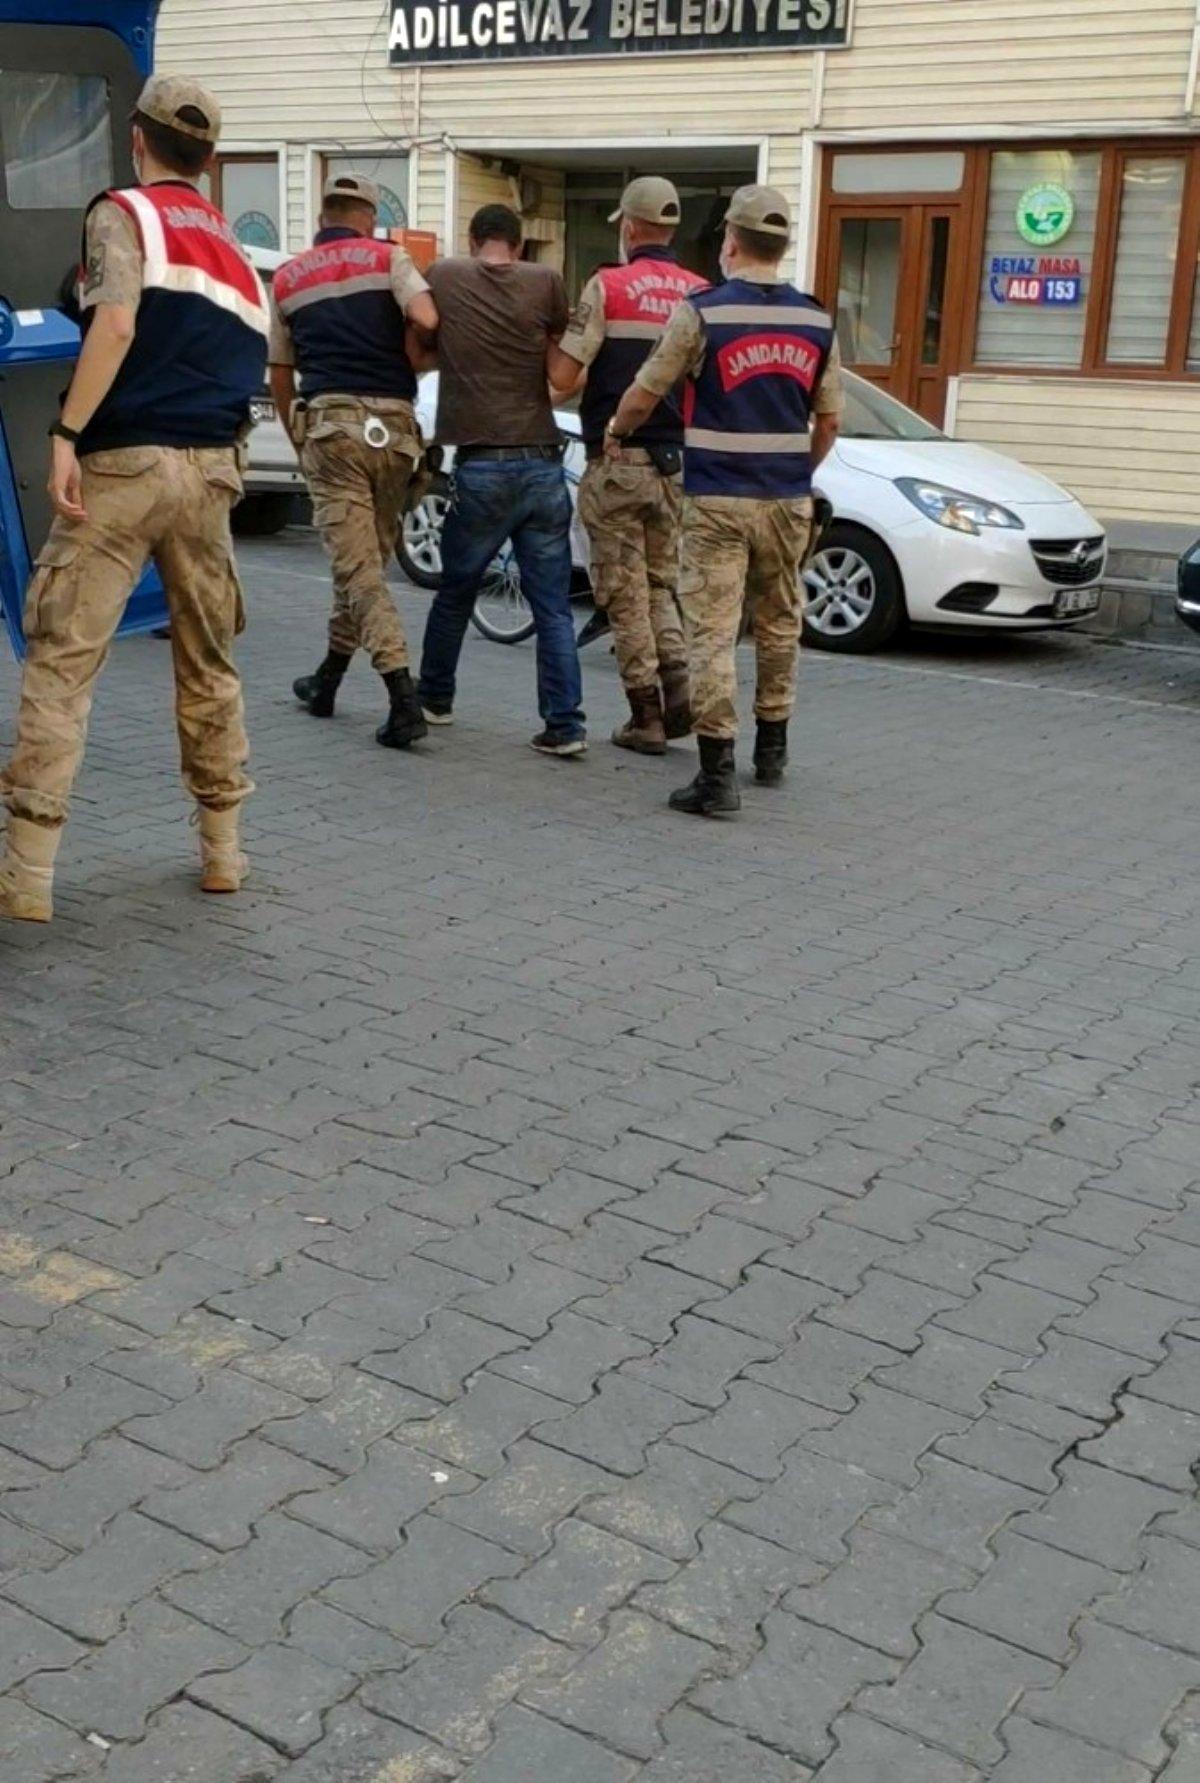 Bitlis te göçmen kaçakçılığı yapan 2 şüpheli suçüstü yakalandı